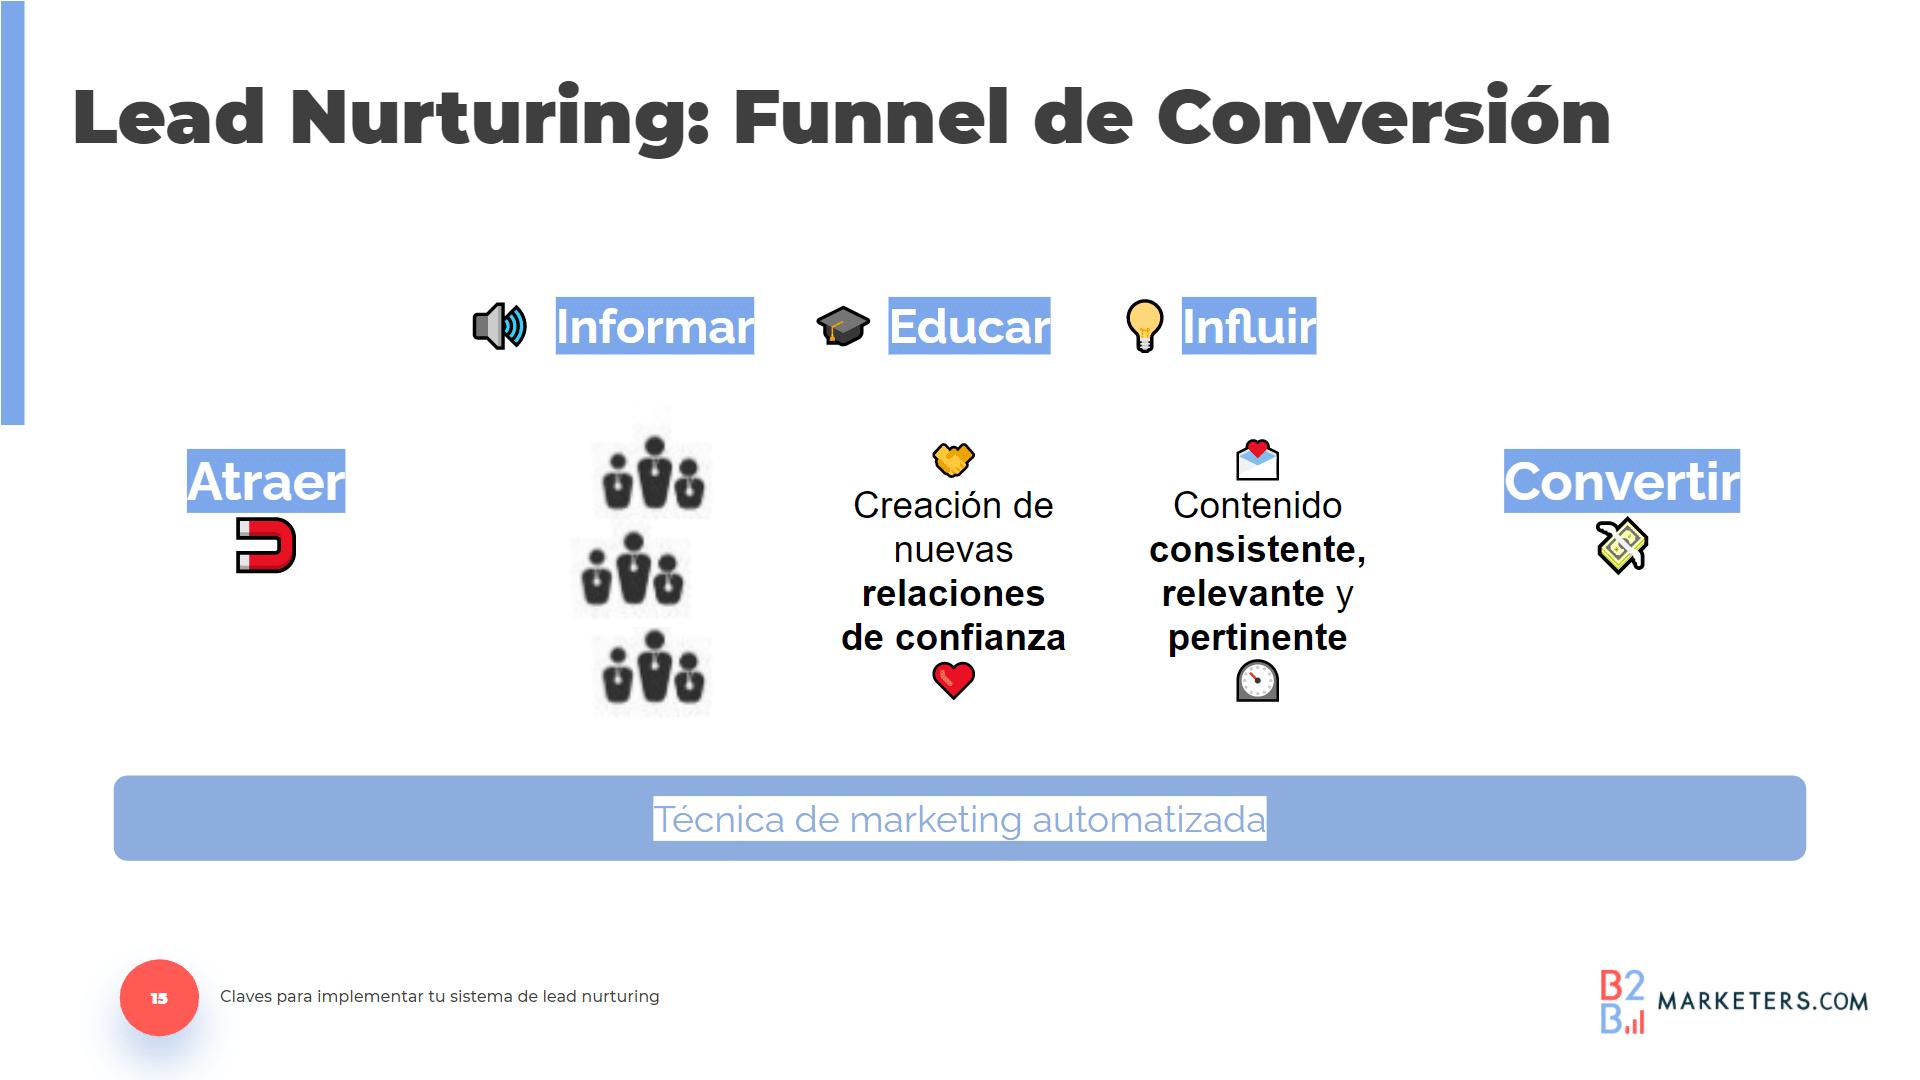 Las etapas del Funnel de Conversión de Lead Nurturing son atraer, informar, educar, influir, y convertir.